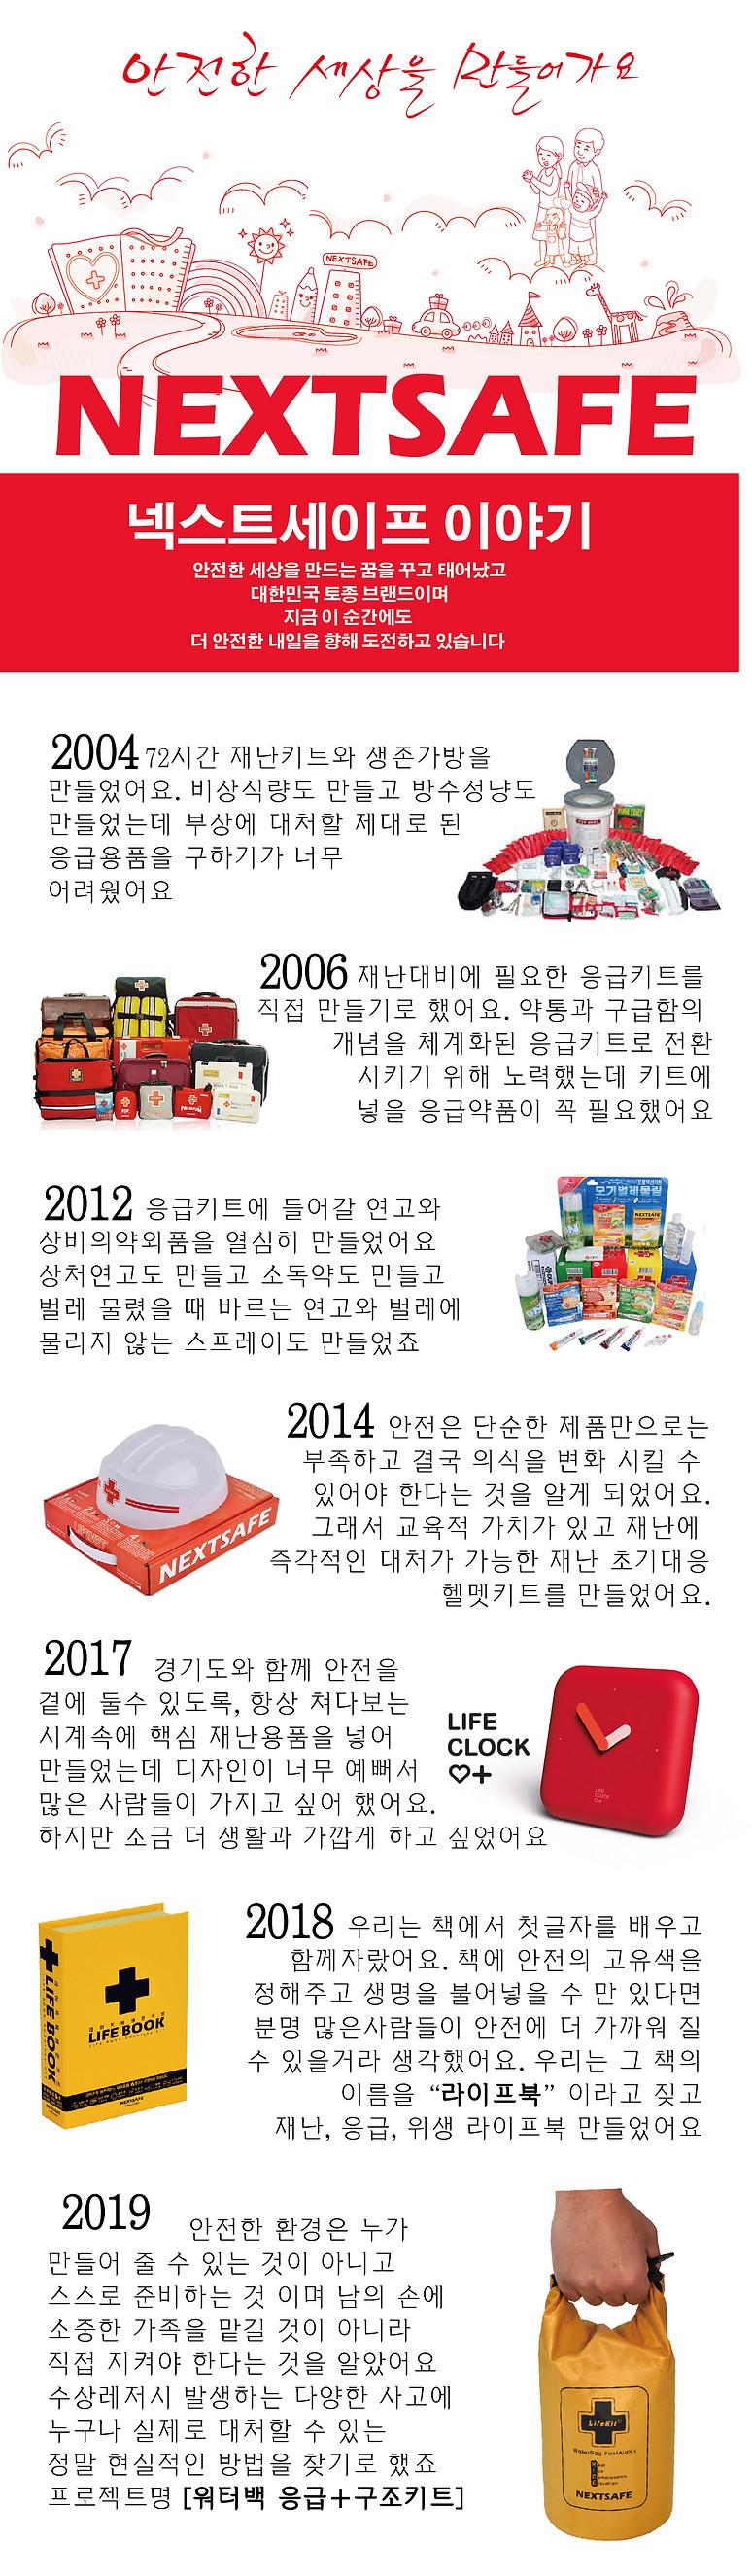 워터백응급키트 제품정보 3.jpg